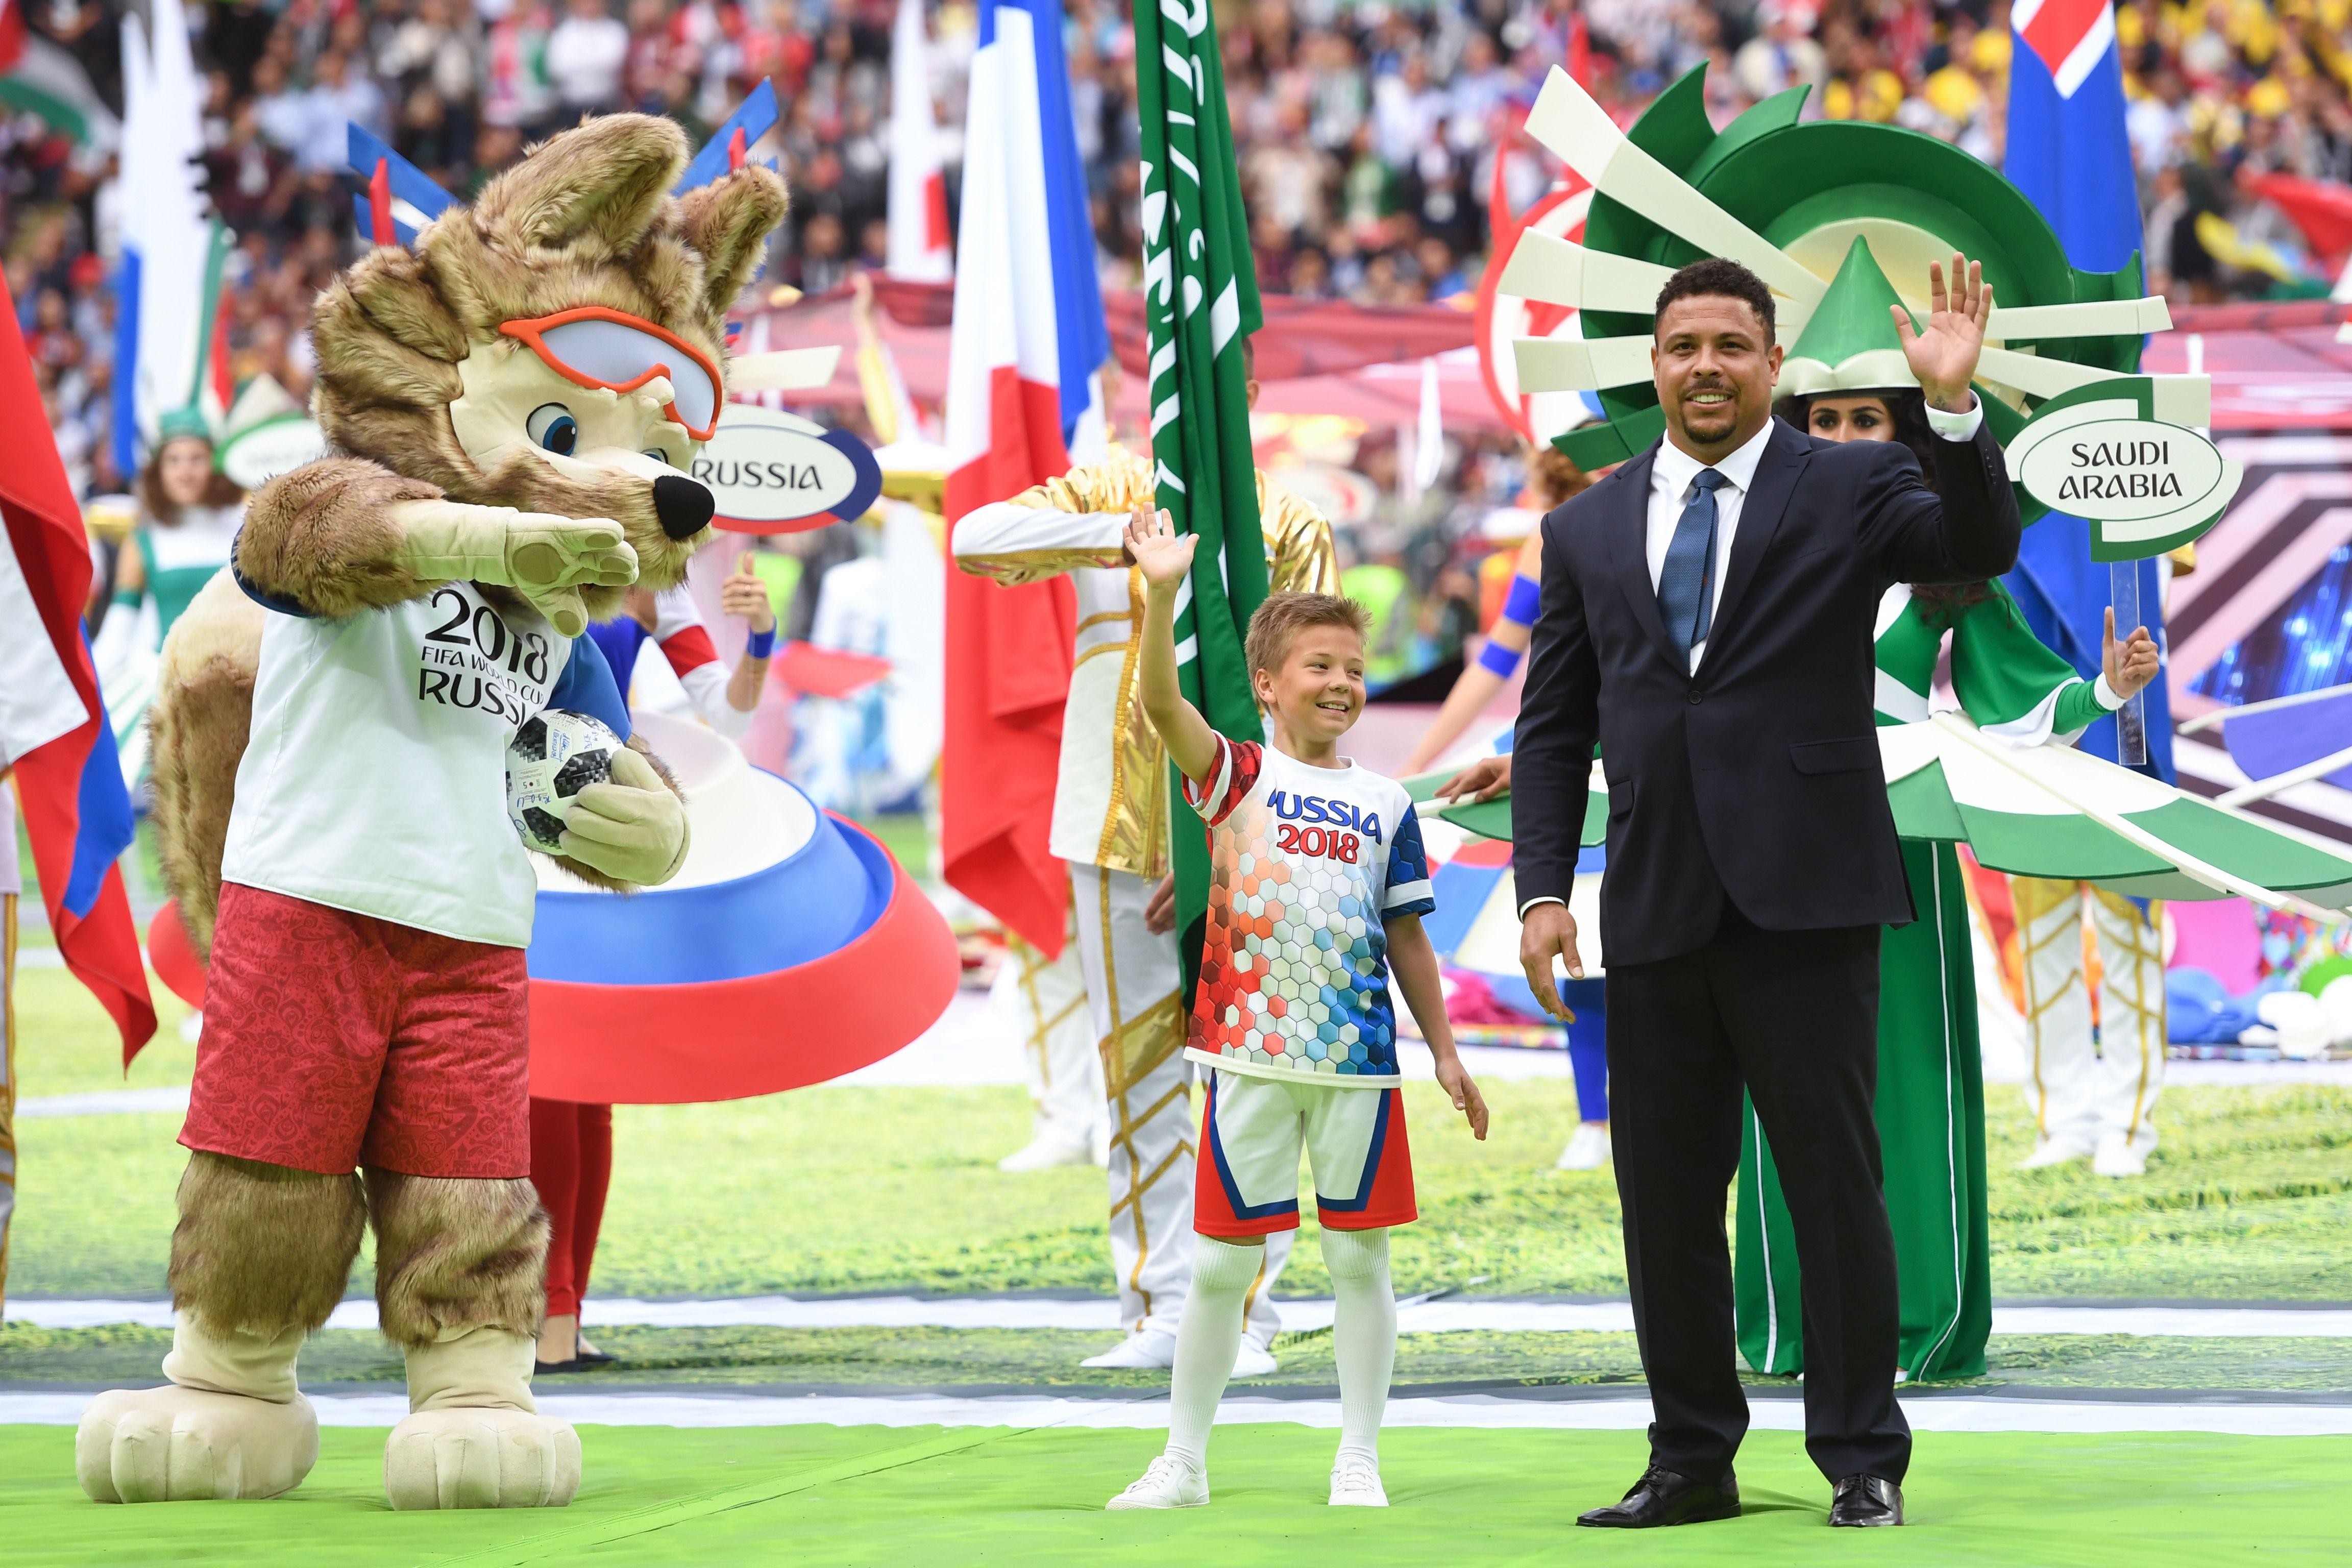 Ronaldo en Rusia 2018 - 4608x3072